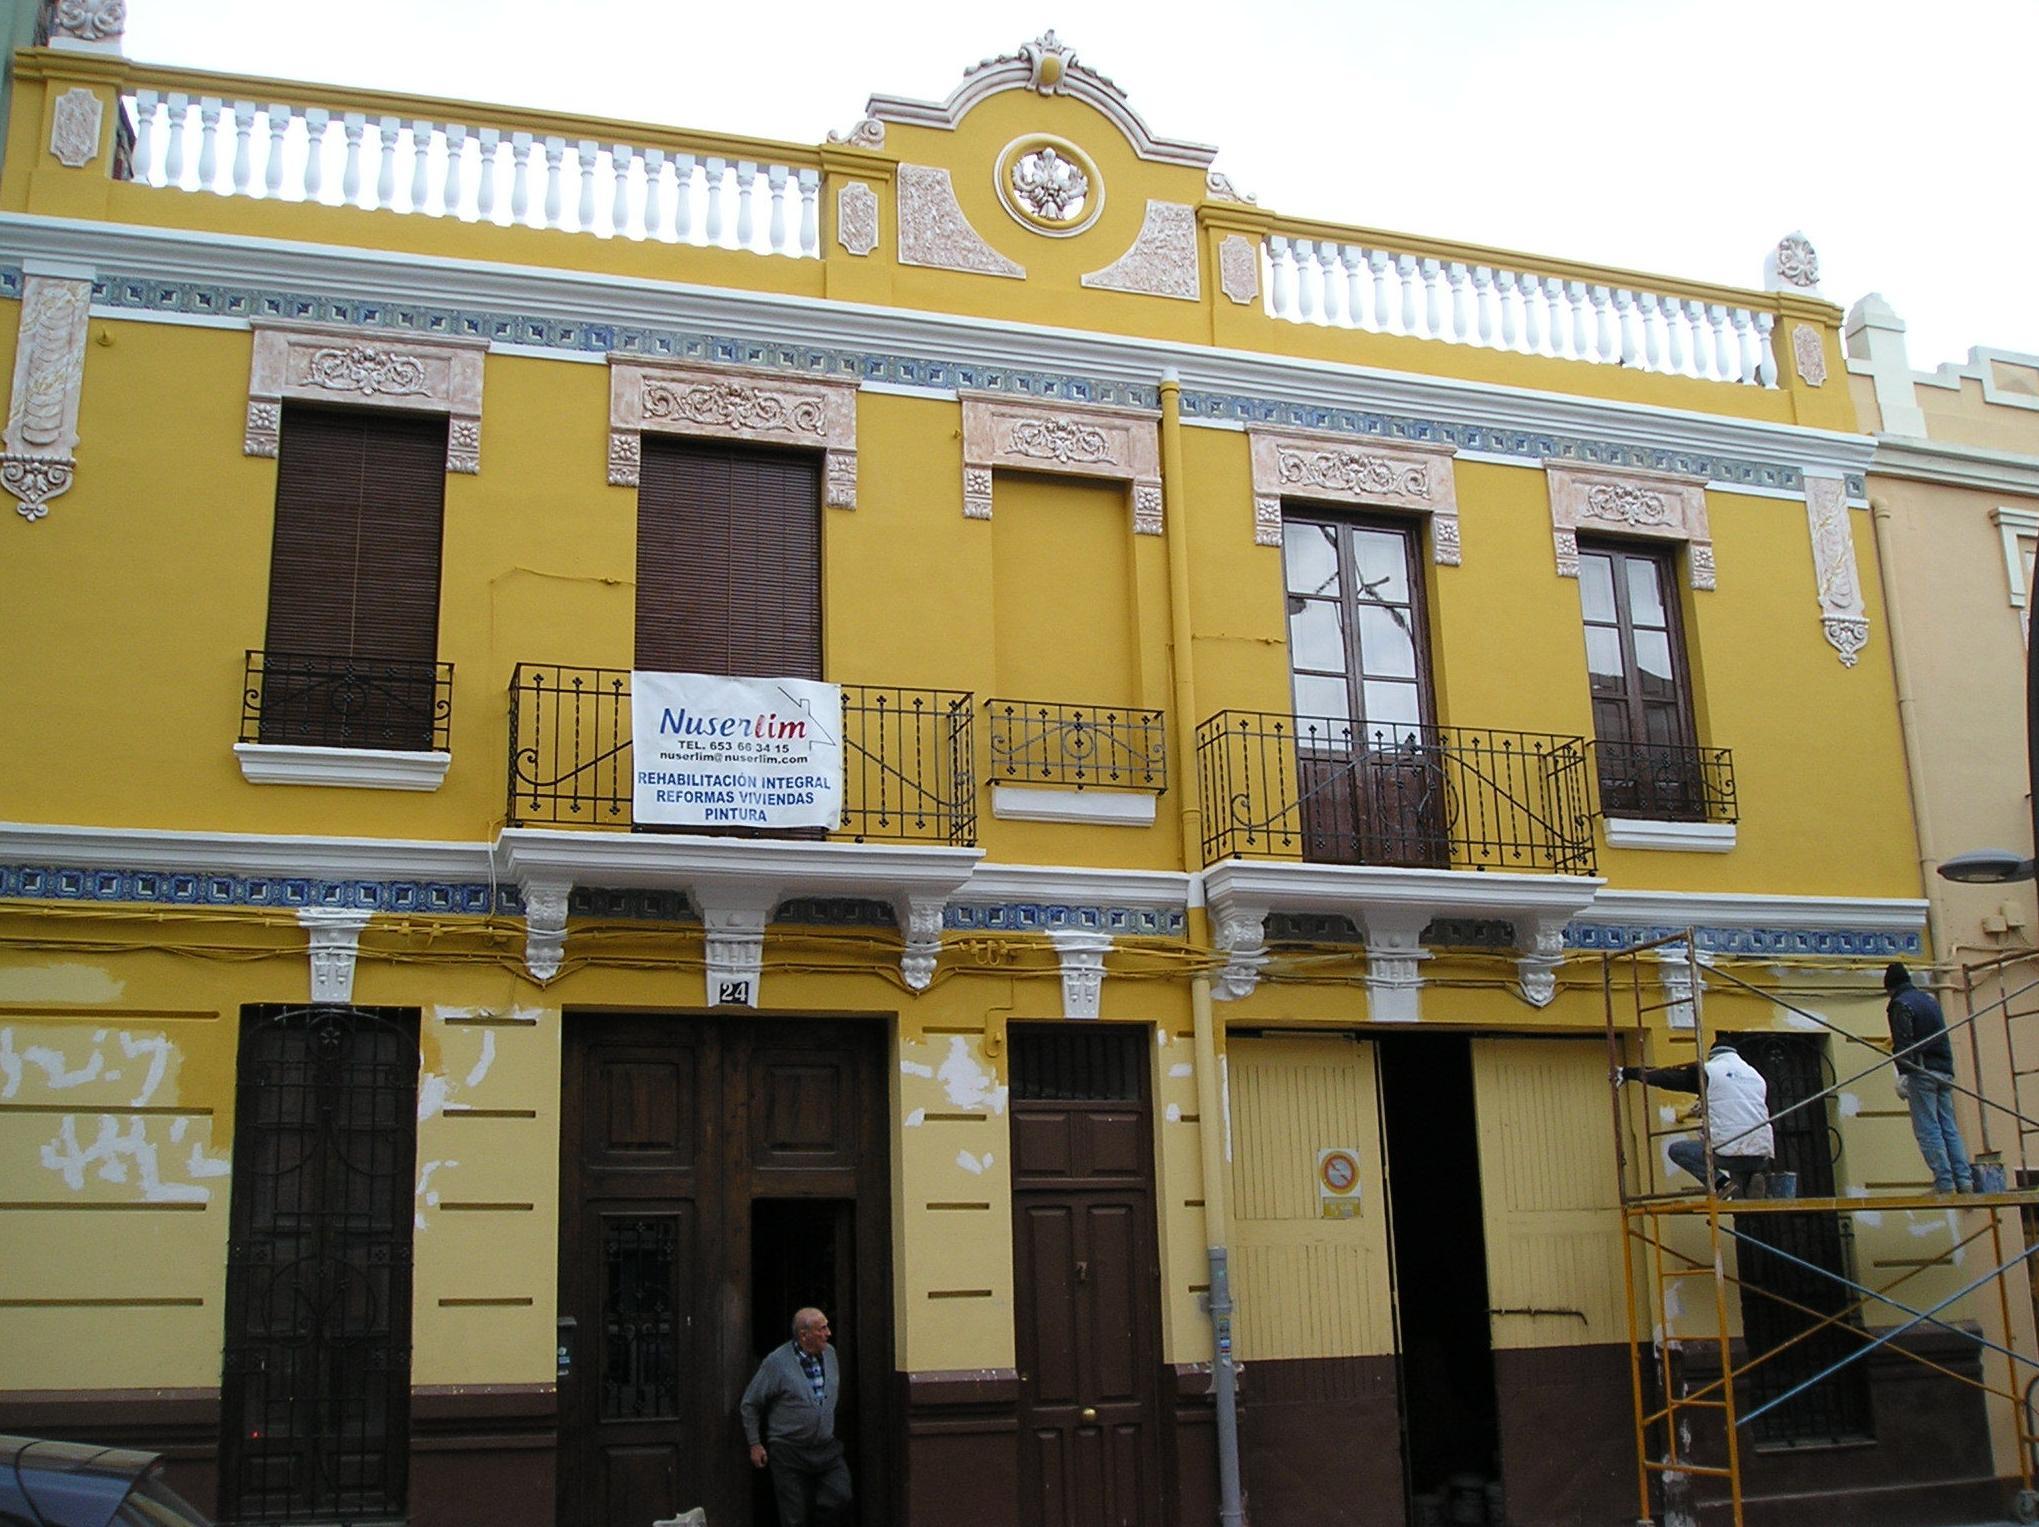 Foto 17 de Albañilería y Reformas en Valencia | Nuserlim, S.L.